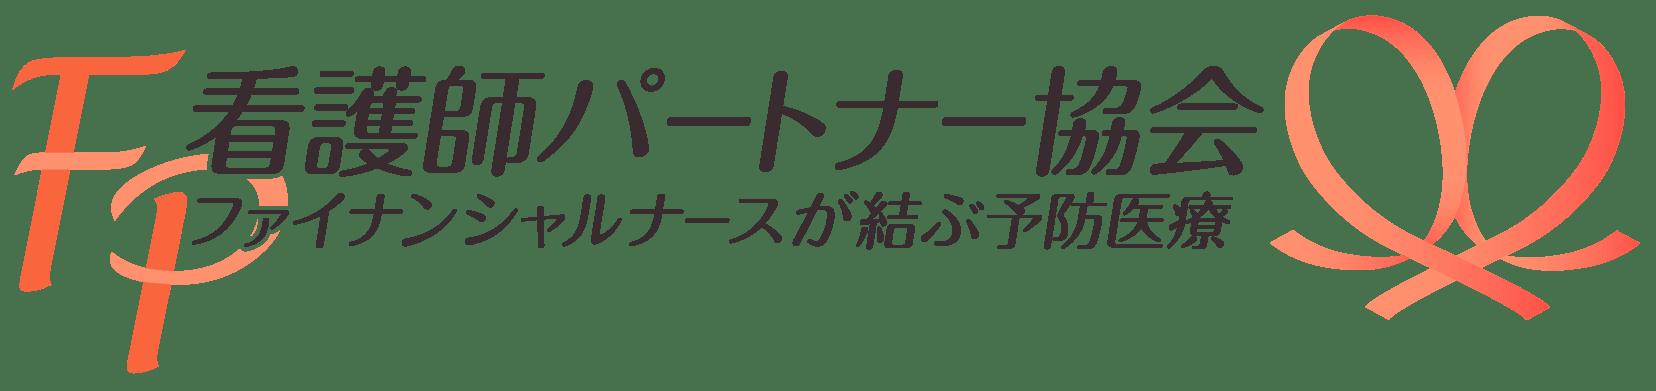 fpn-logoline-min